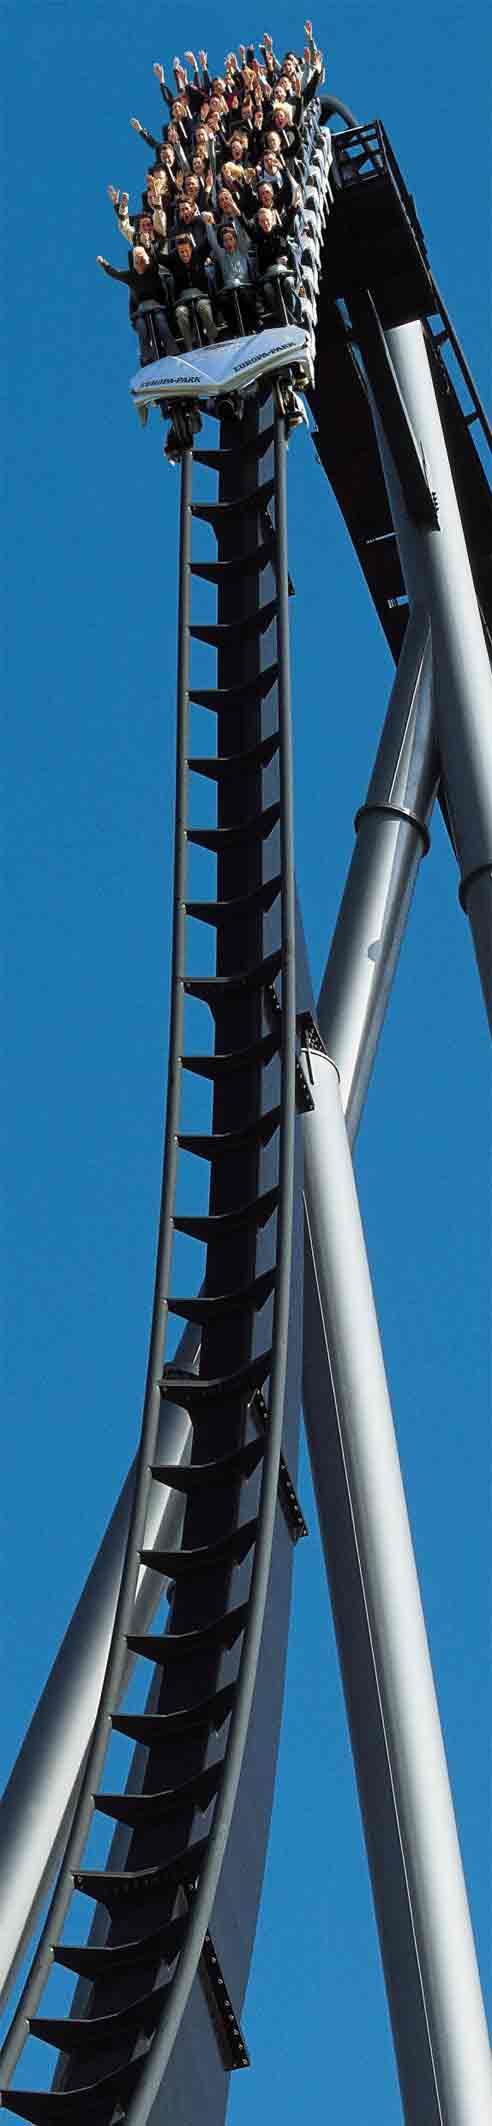 Europa Rollercoaster, Germany